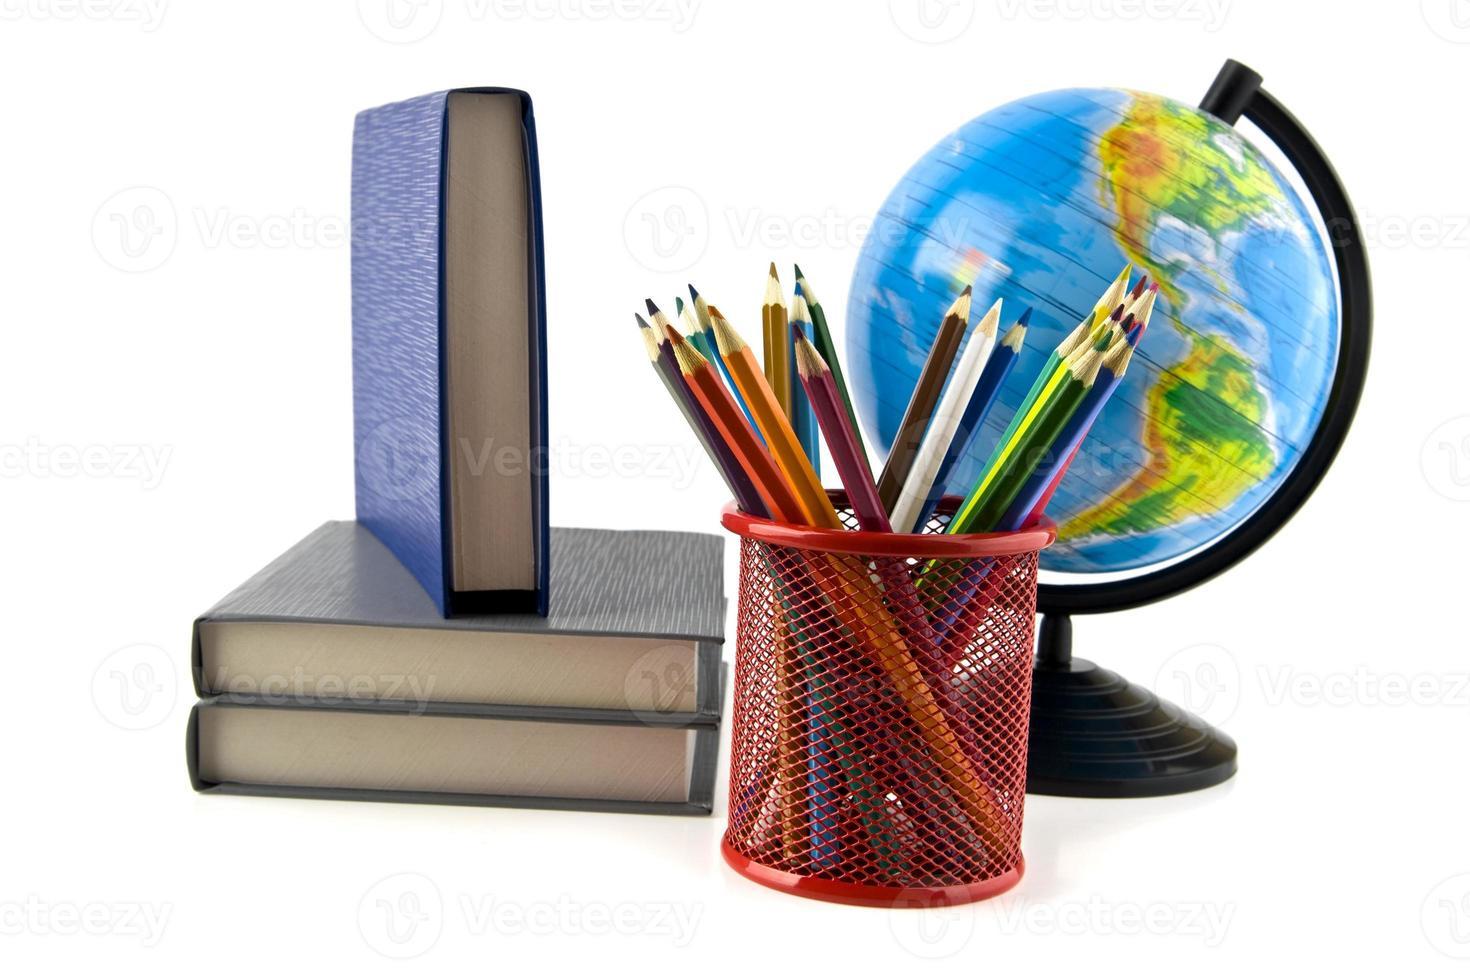 Bücher, Bleistifte und Globus foto